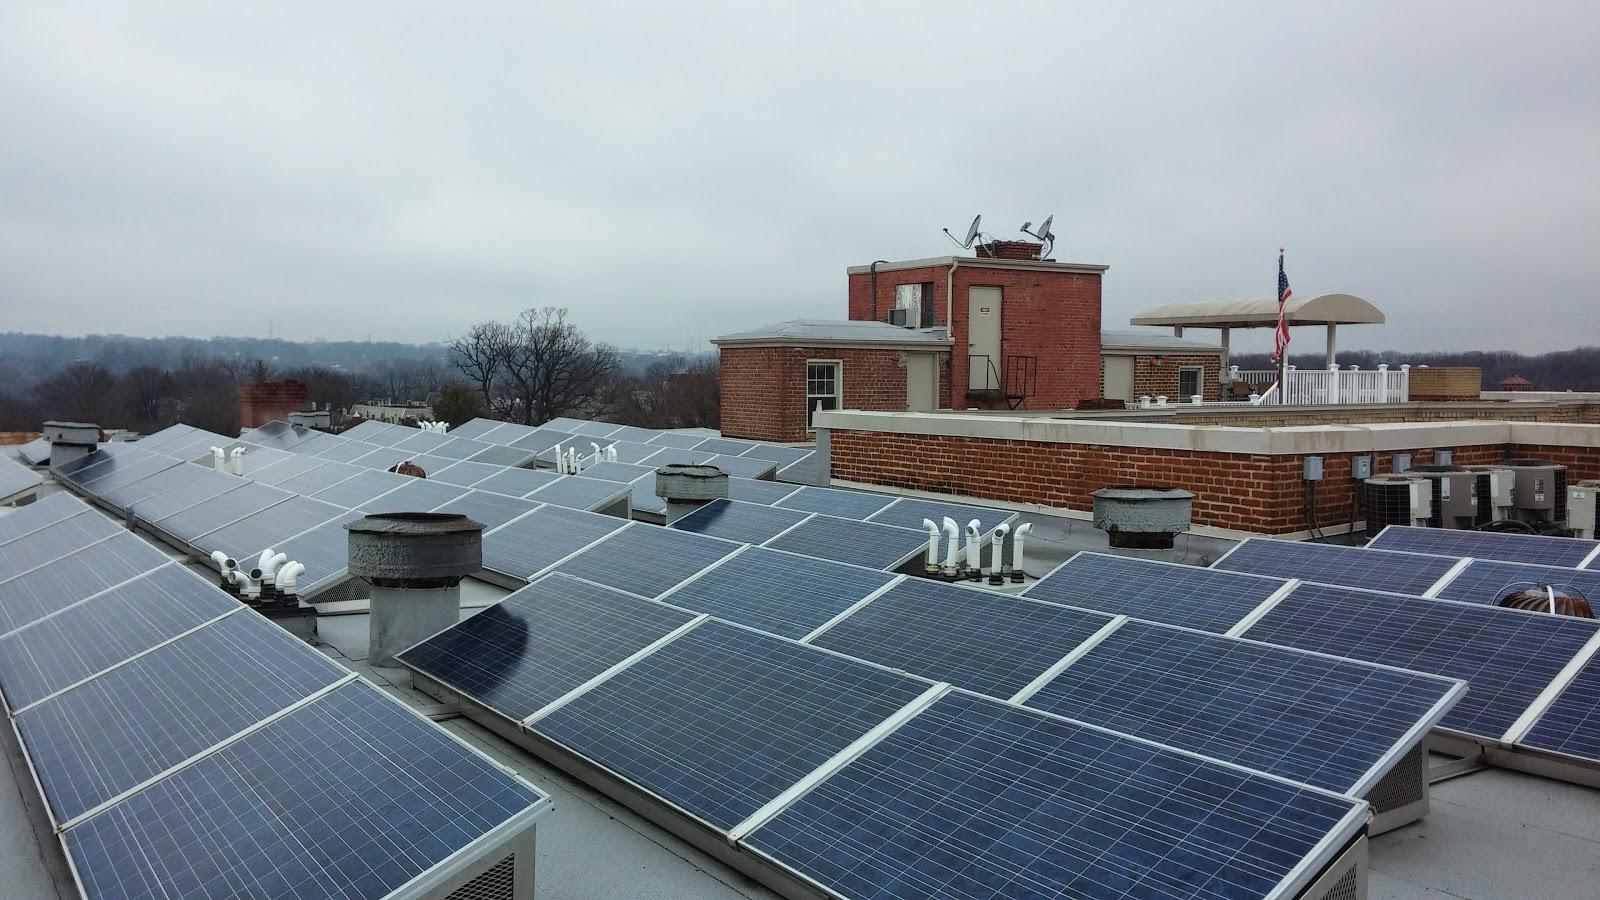 Argyle-Condos-Polich-Solar